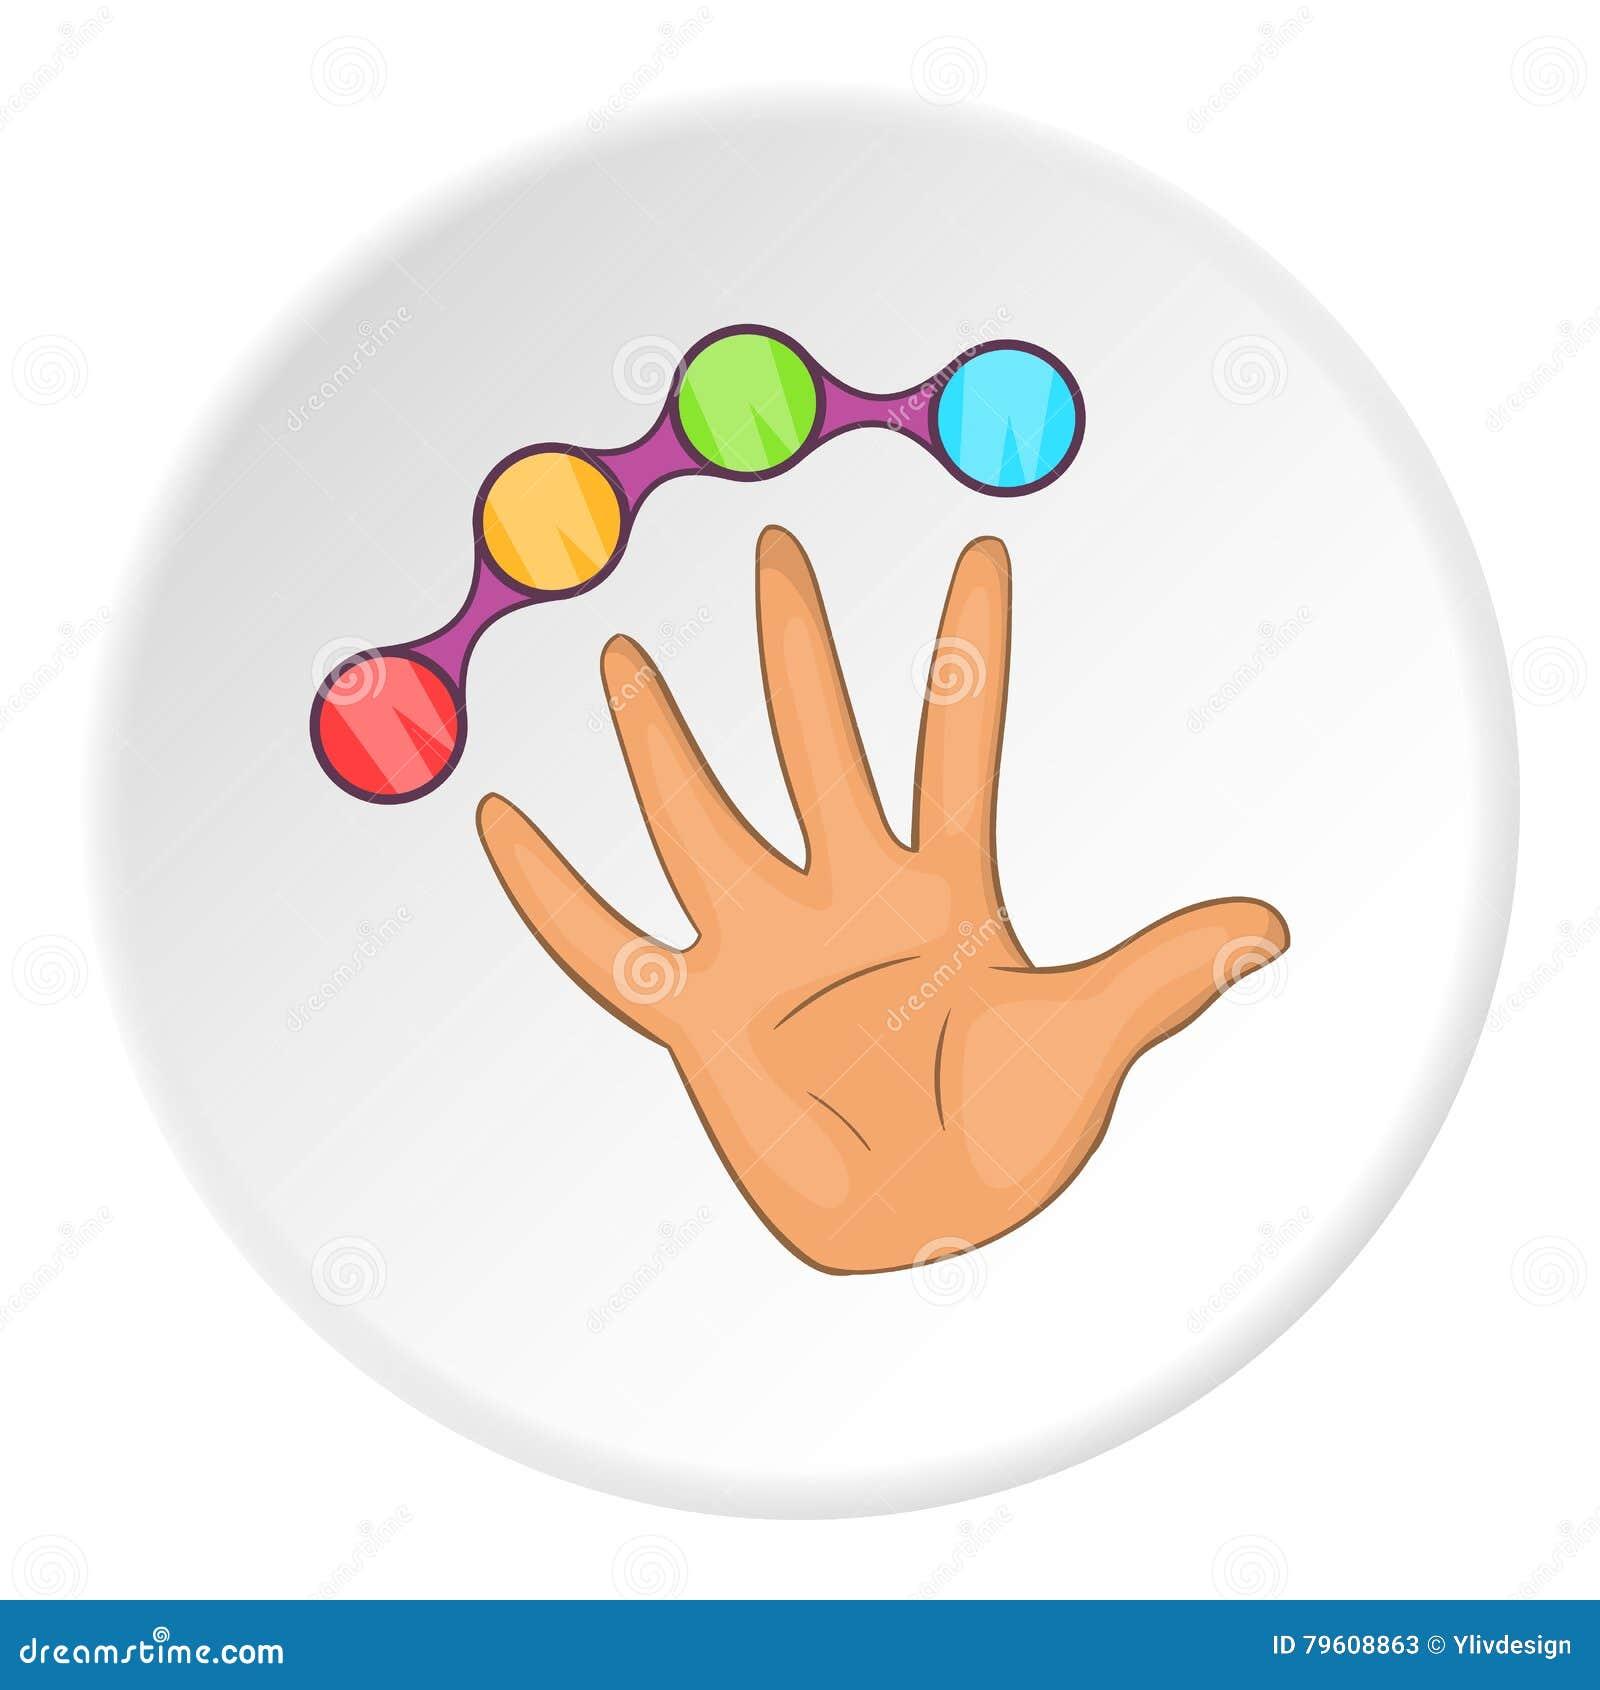 Juntas com ícone da mão, estilo dos desenhos animados